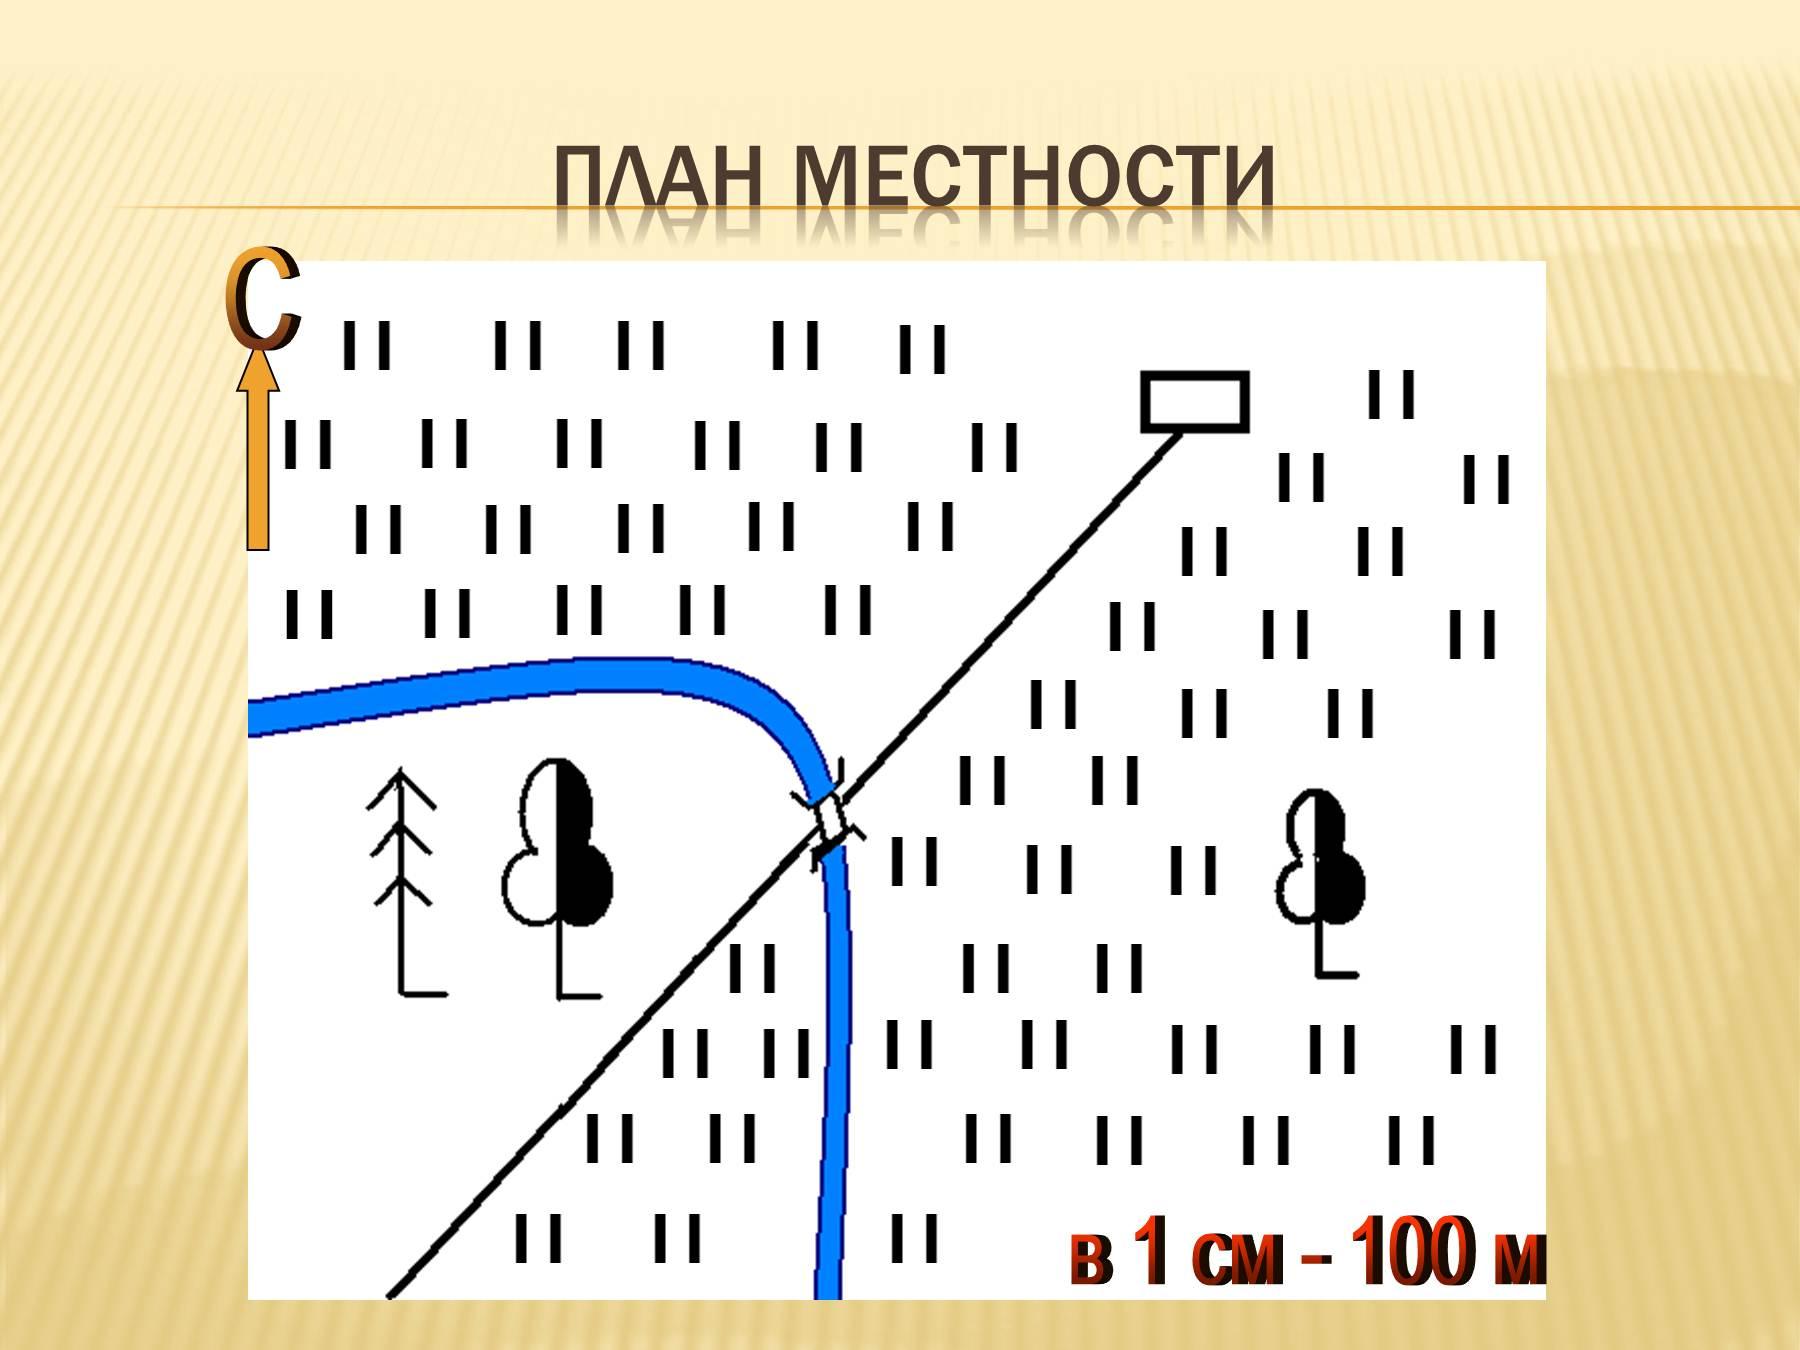 Сделать схему местности